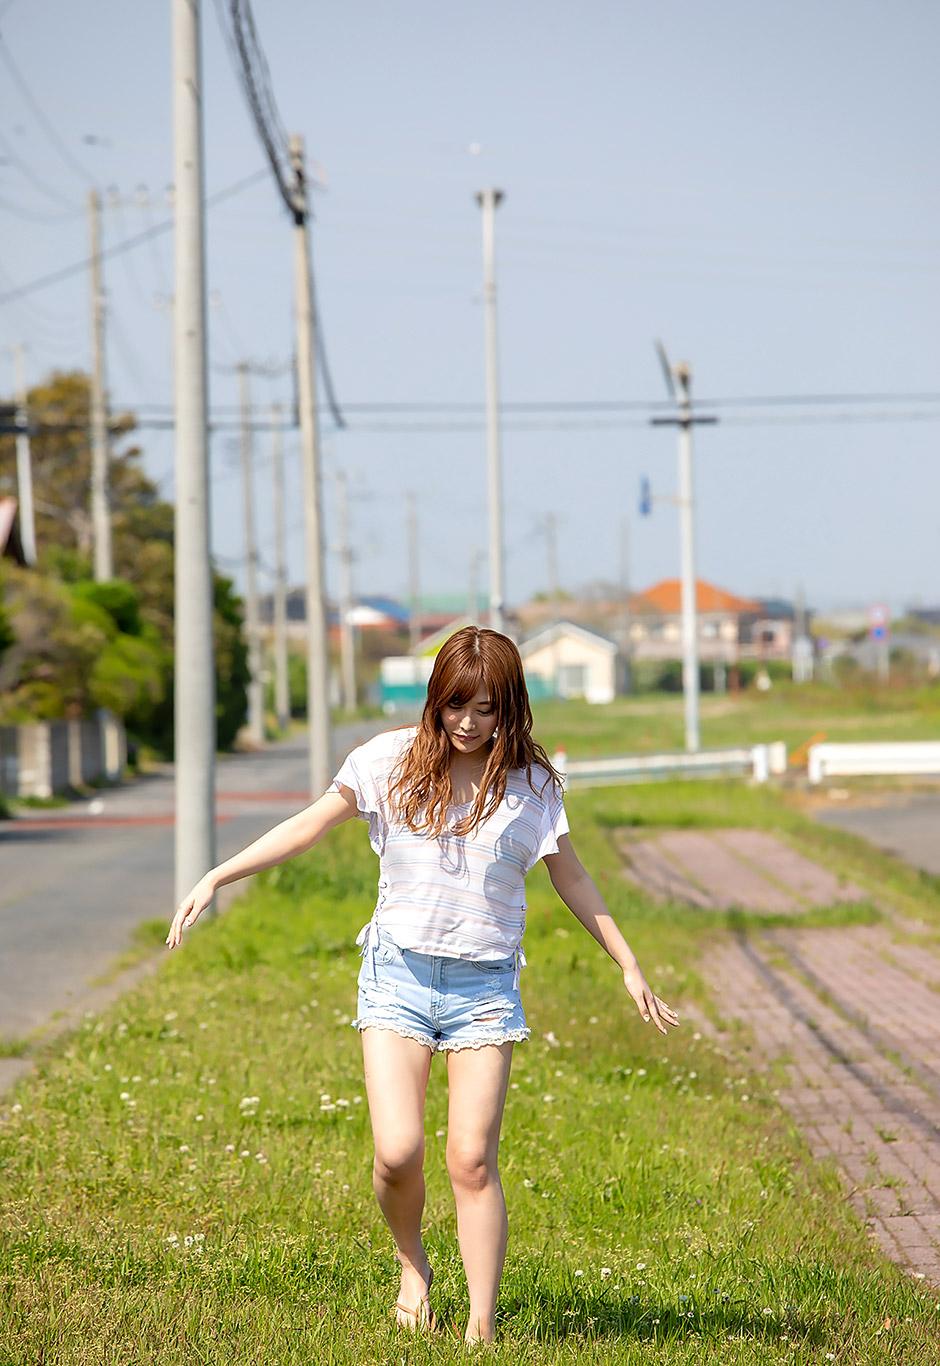 image http://scanlover.com/assets/images/272-Do4TVPHFjws6S4NU.jpeg